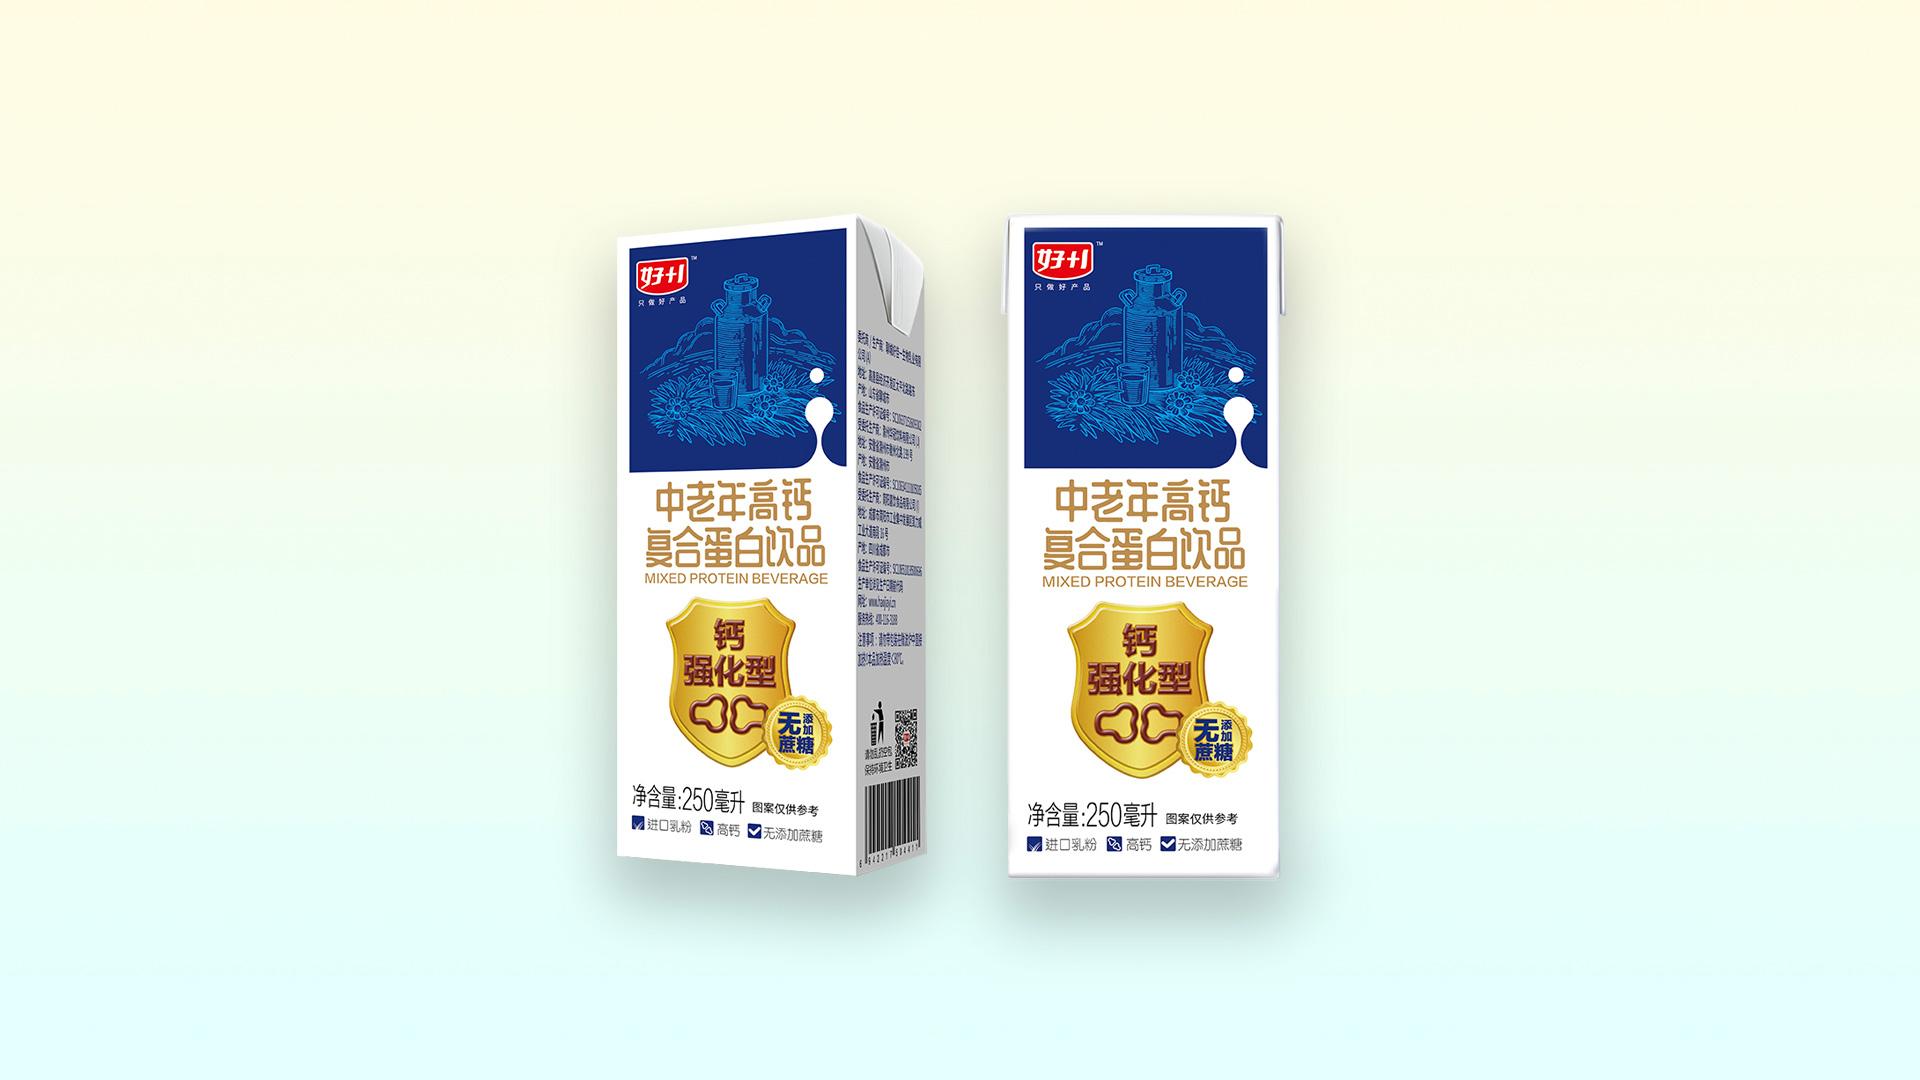 中老年高钙无蔗糖复合蛋白饮品